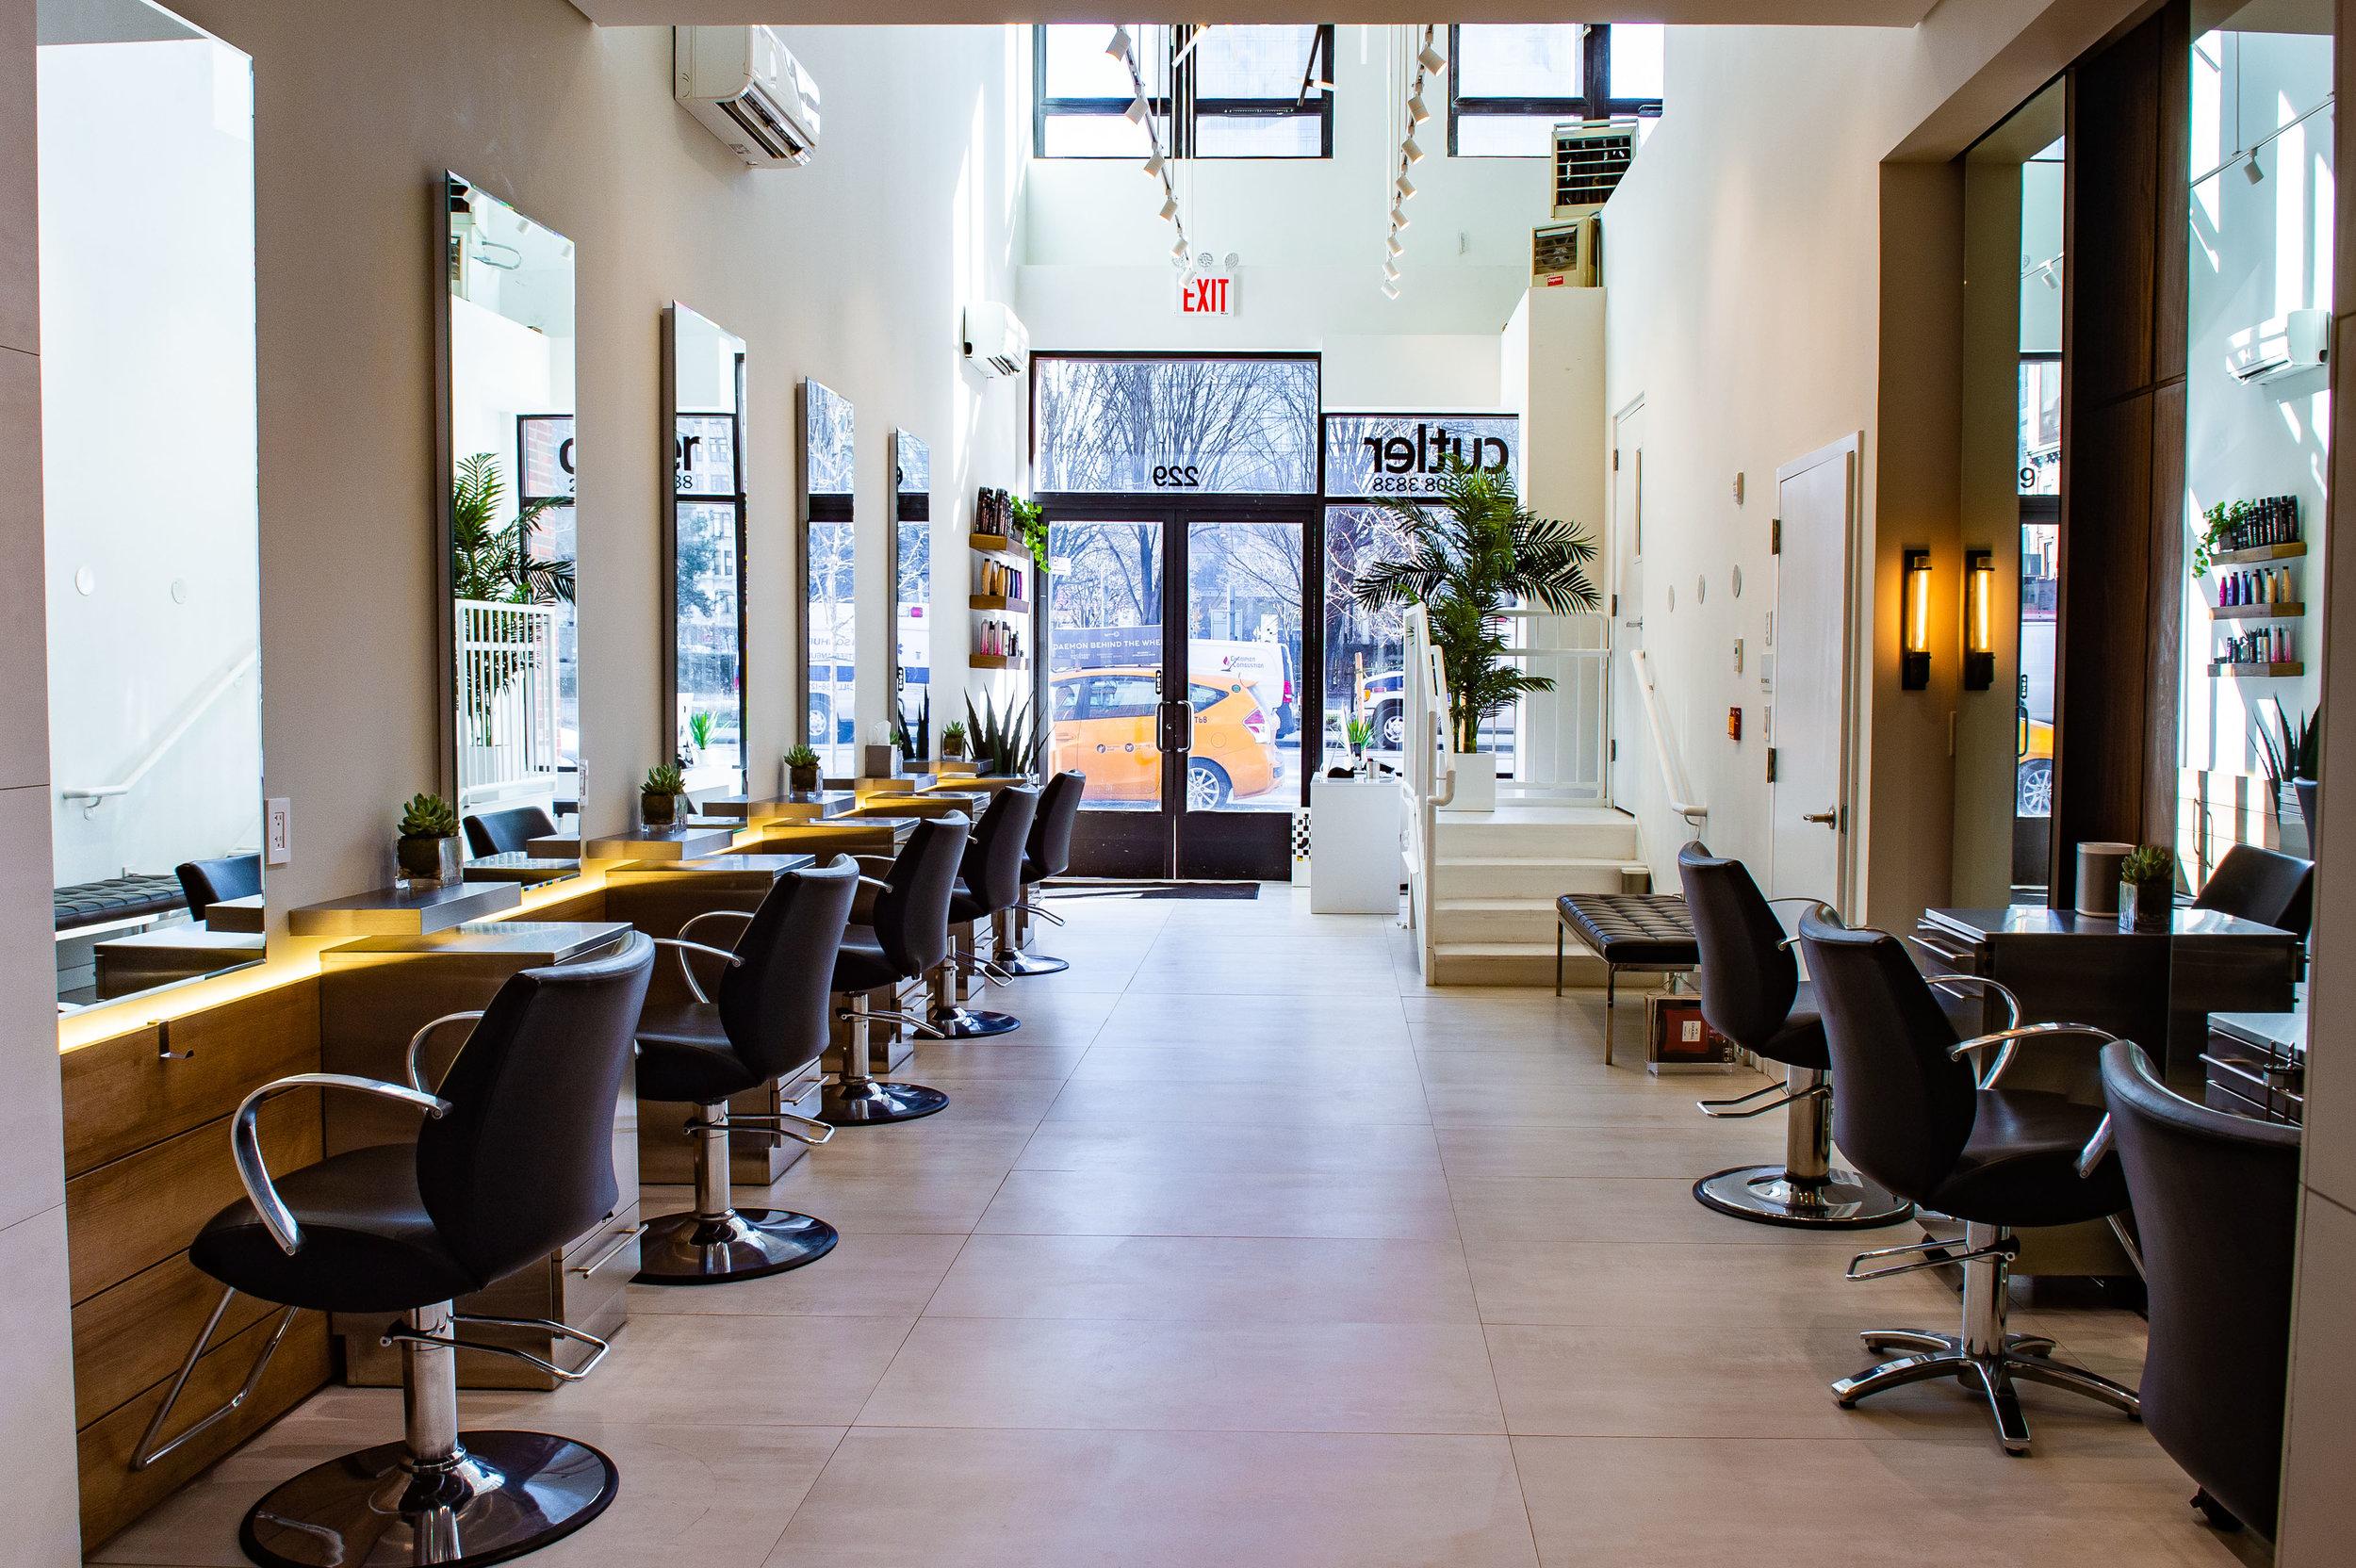 Cutler_TribecaSalon_Jan2019_jkratochvil_DSC_1320.jpg